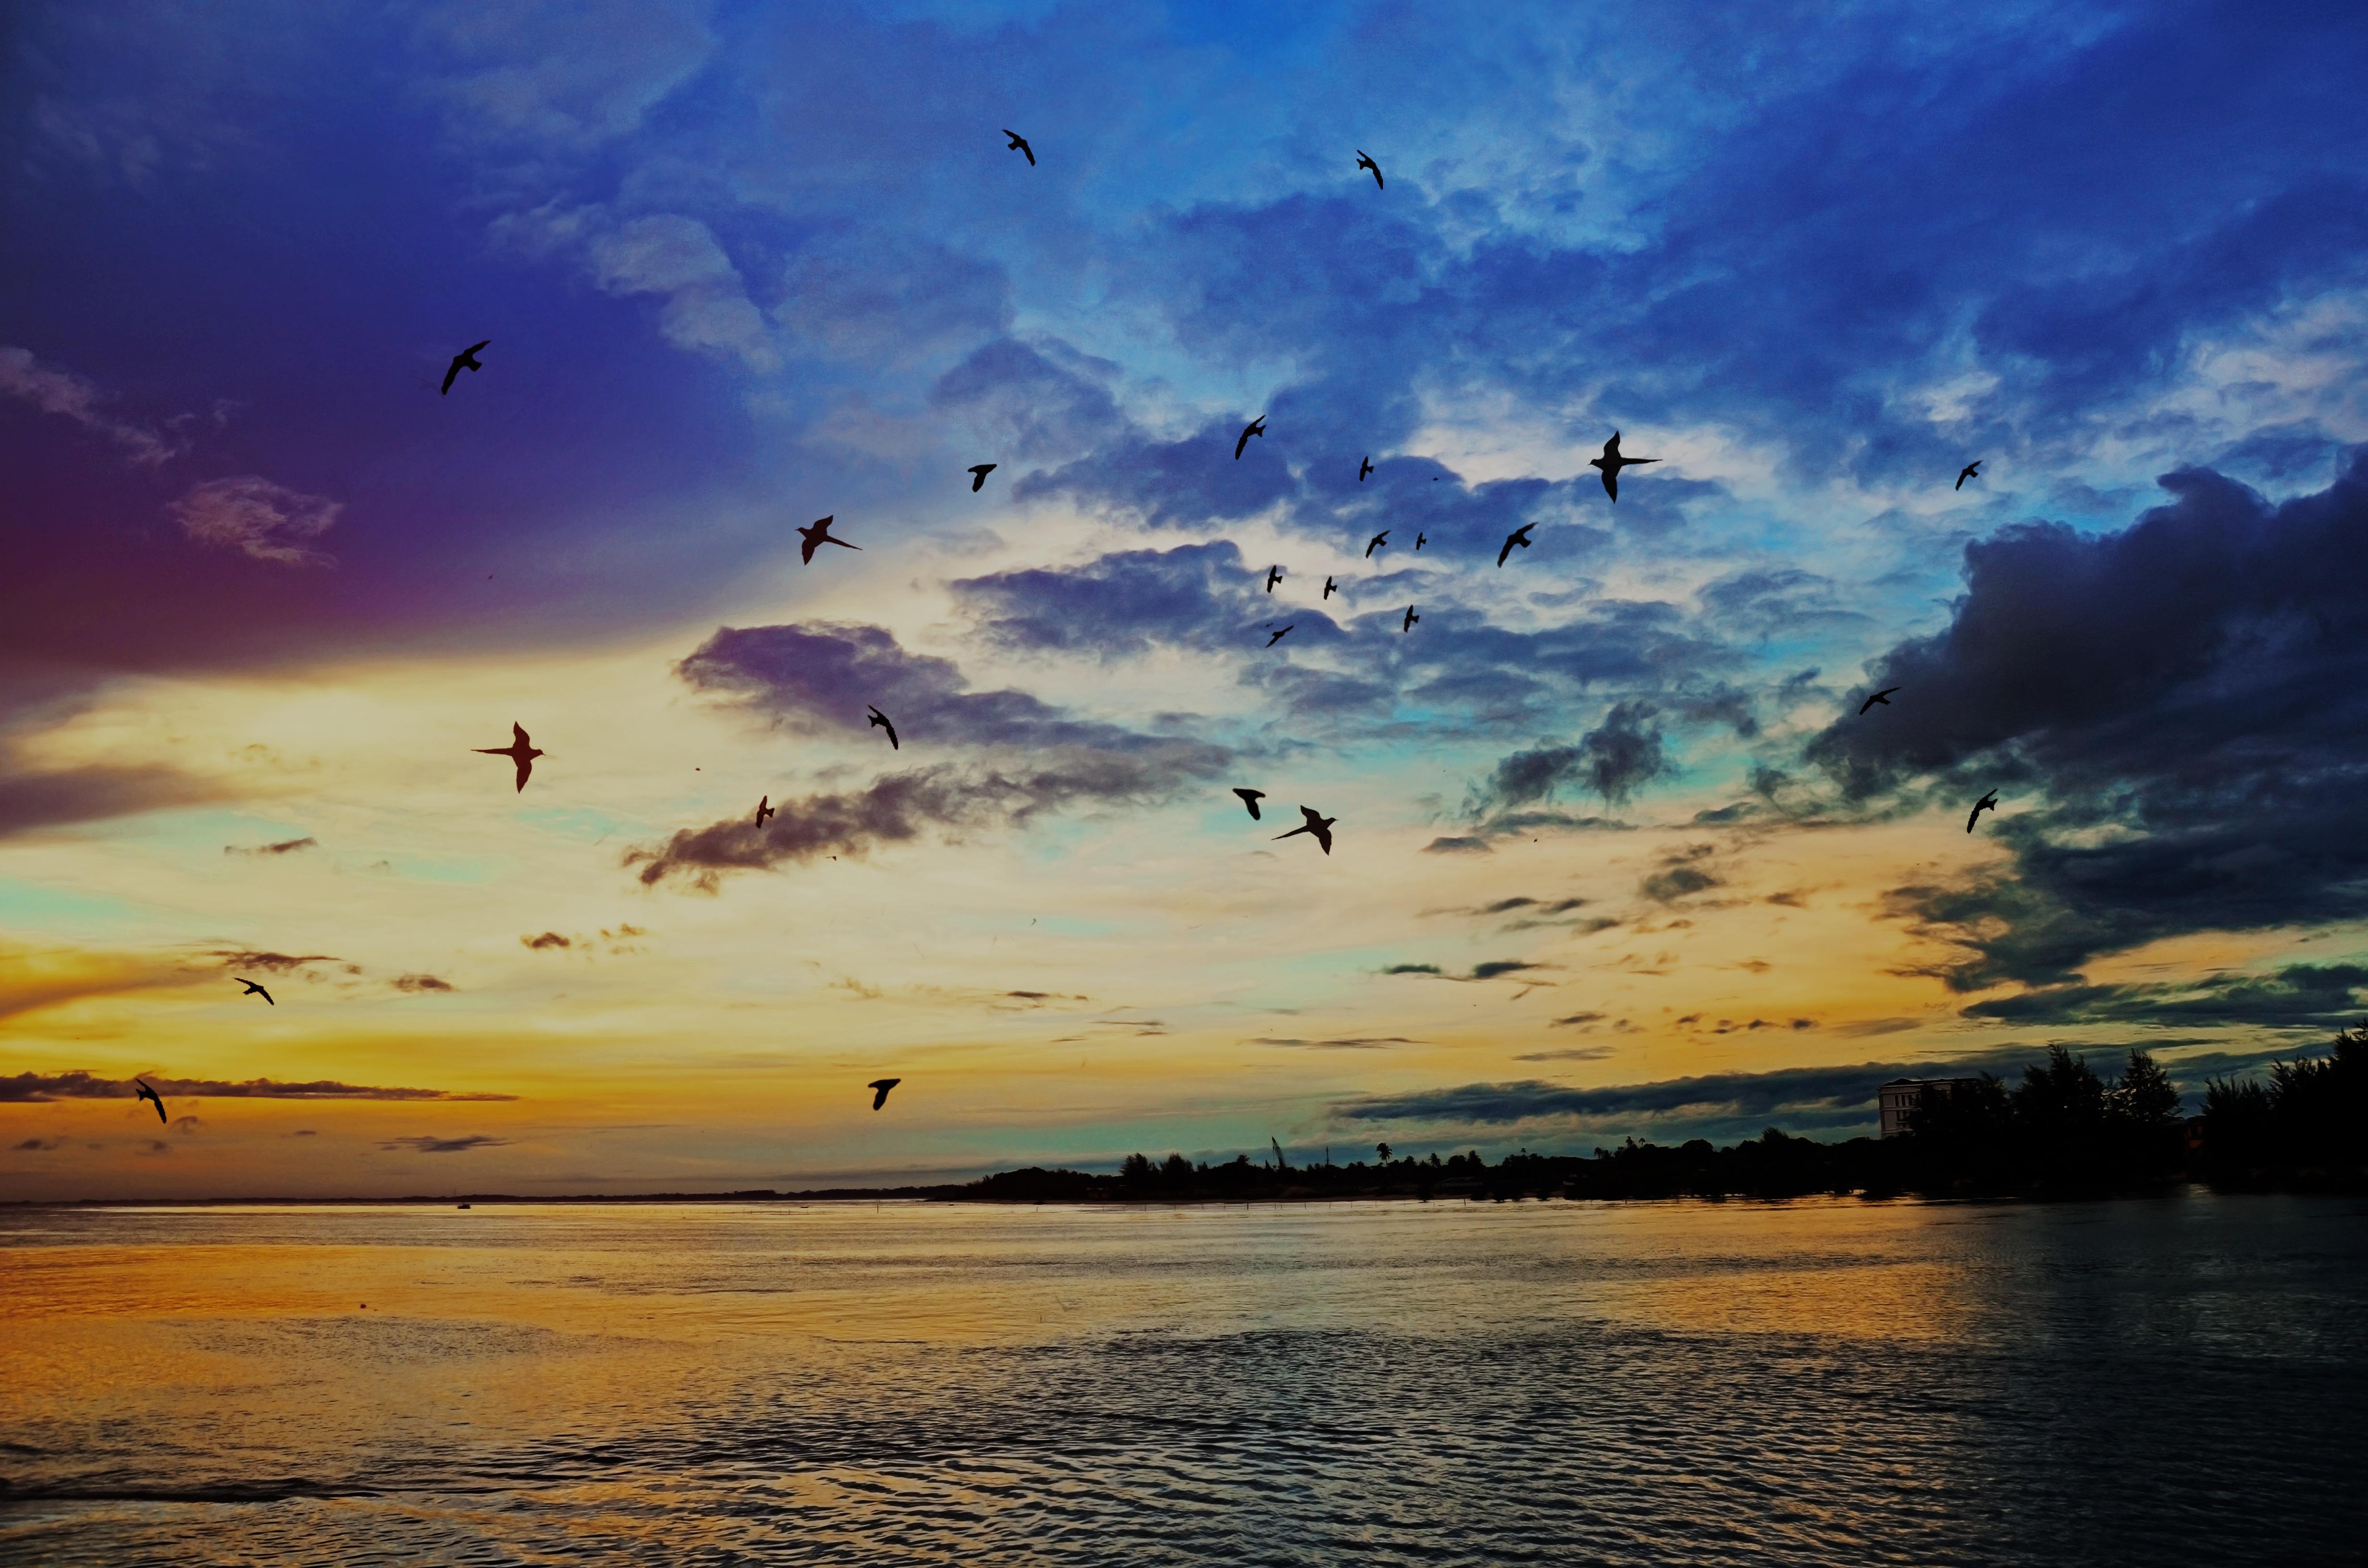 место, красивое фото облака птицы закат рассвет установить